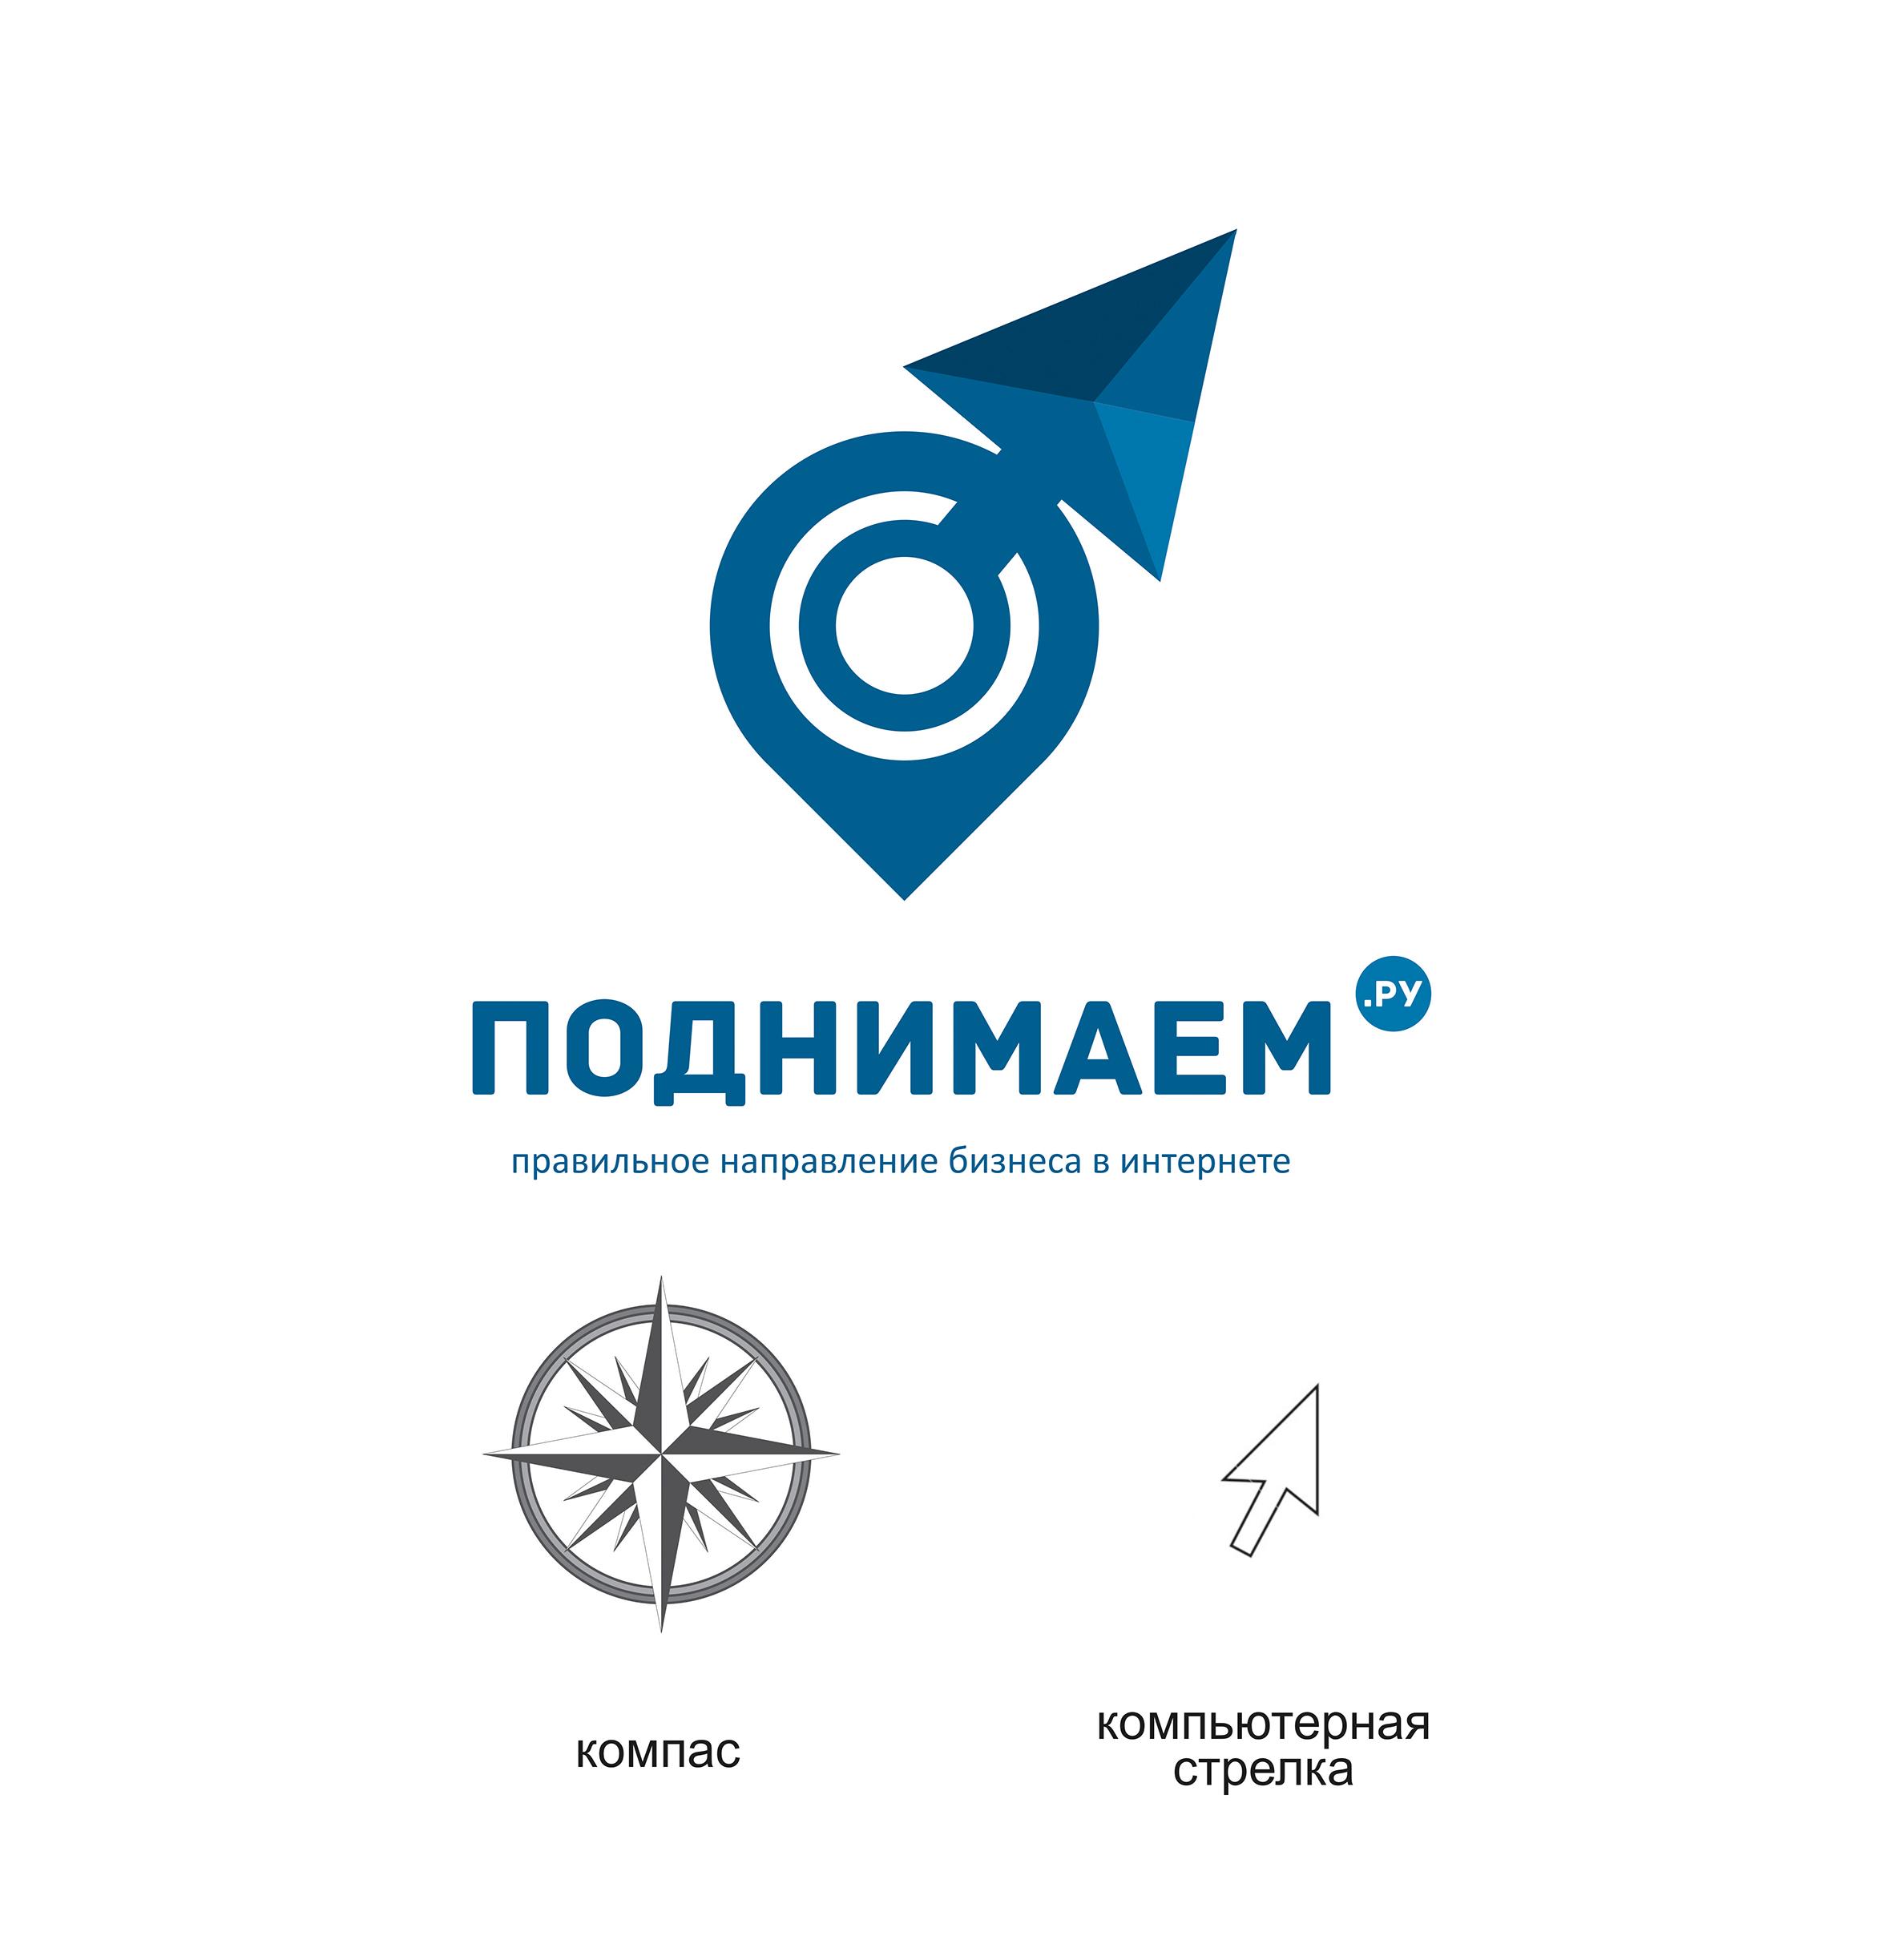 Разработать логотип + визитку + логотип для печати ООО +++ фото f_118554c813300fd5.jpg